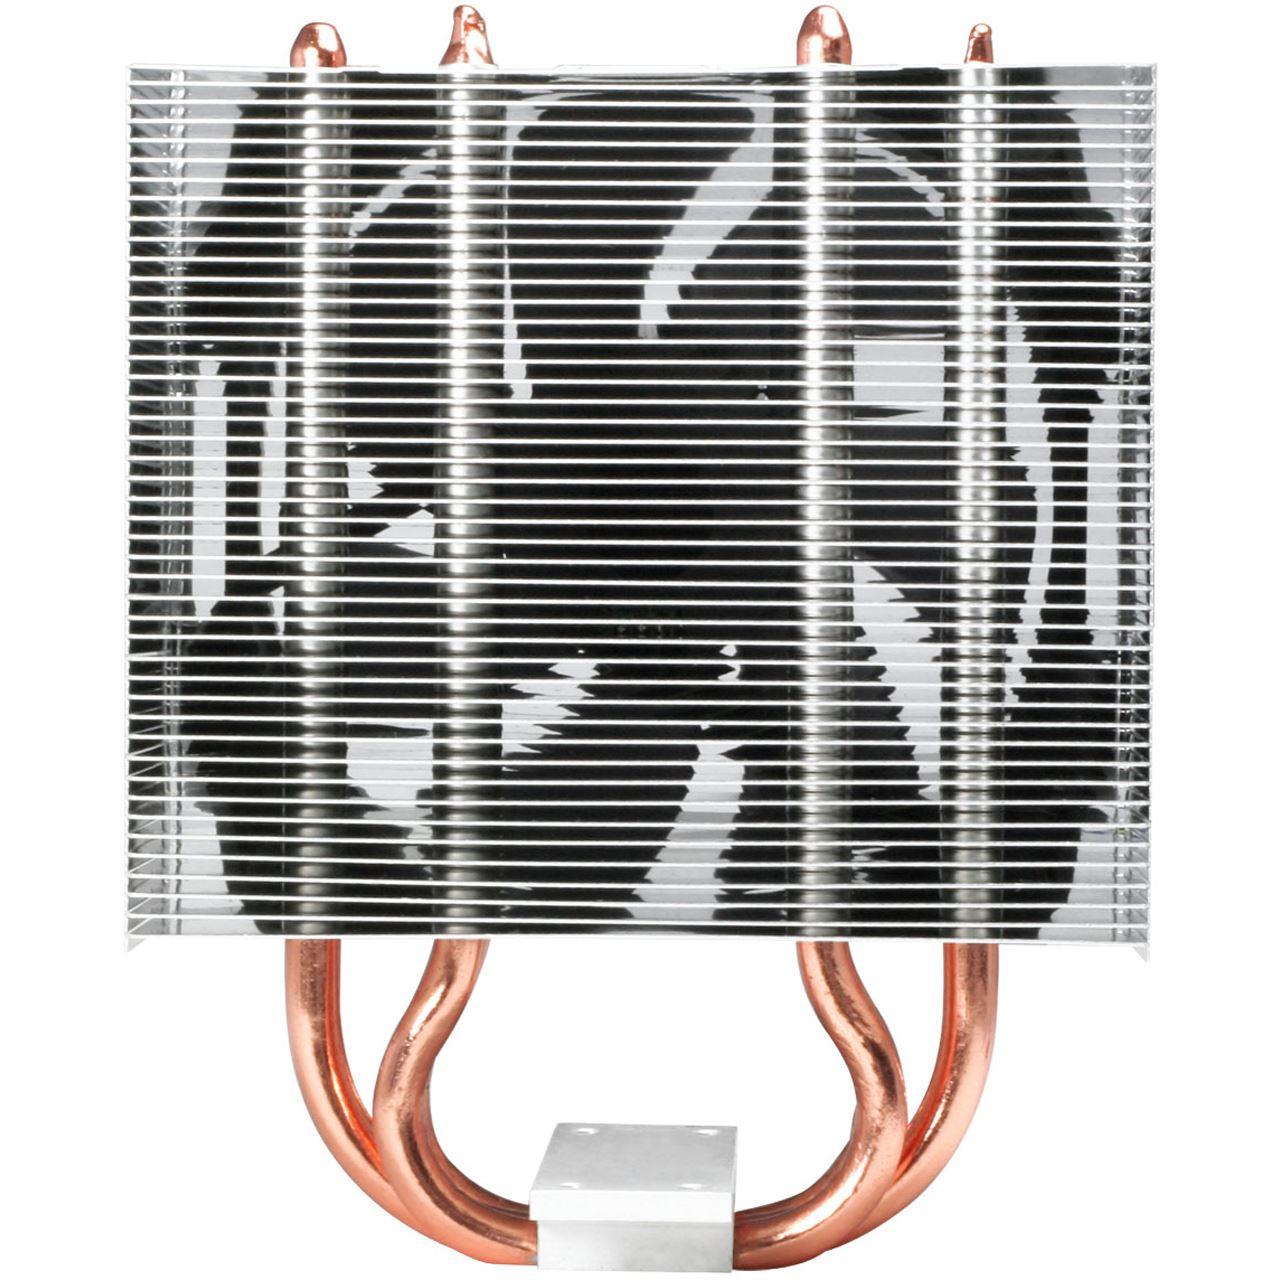 Arctic Freezer I11 Co Tower K 252 Hler Hardware